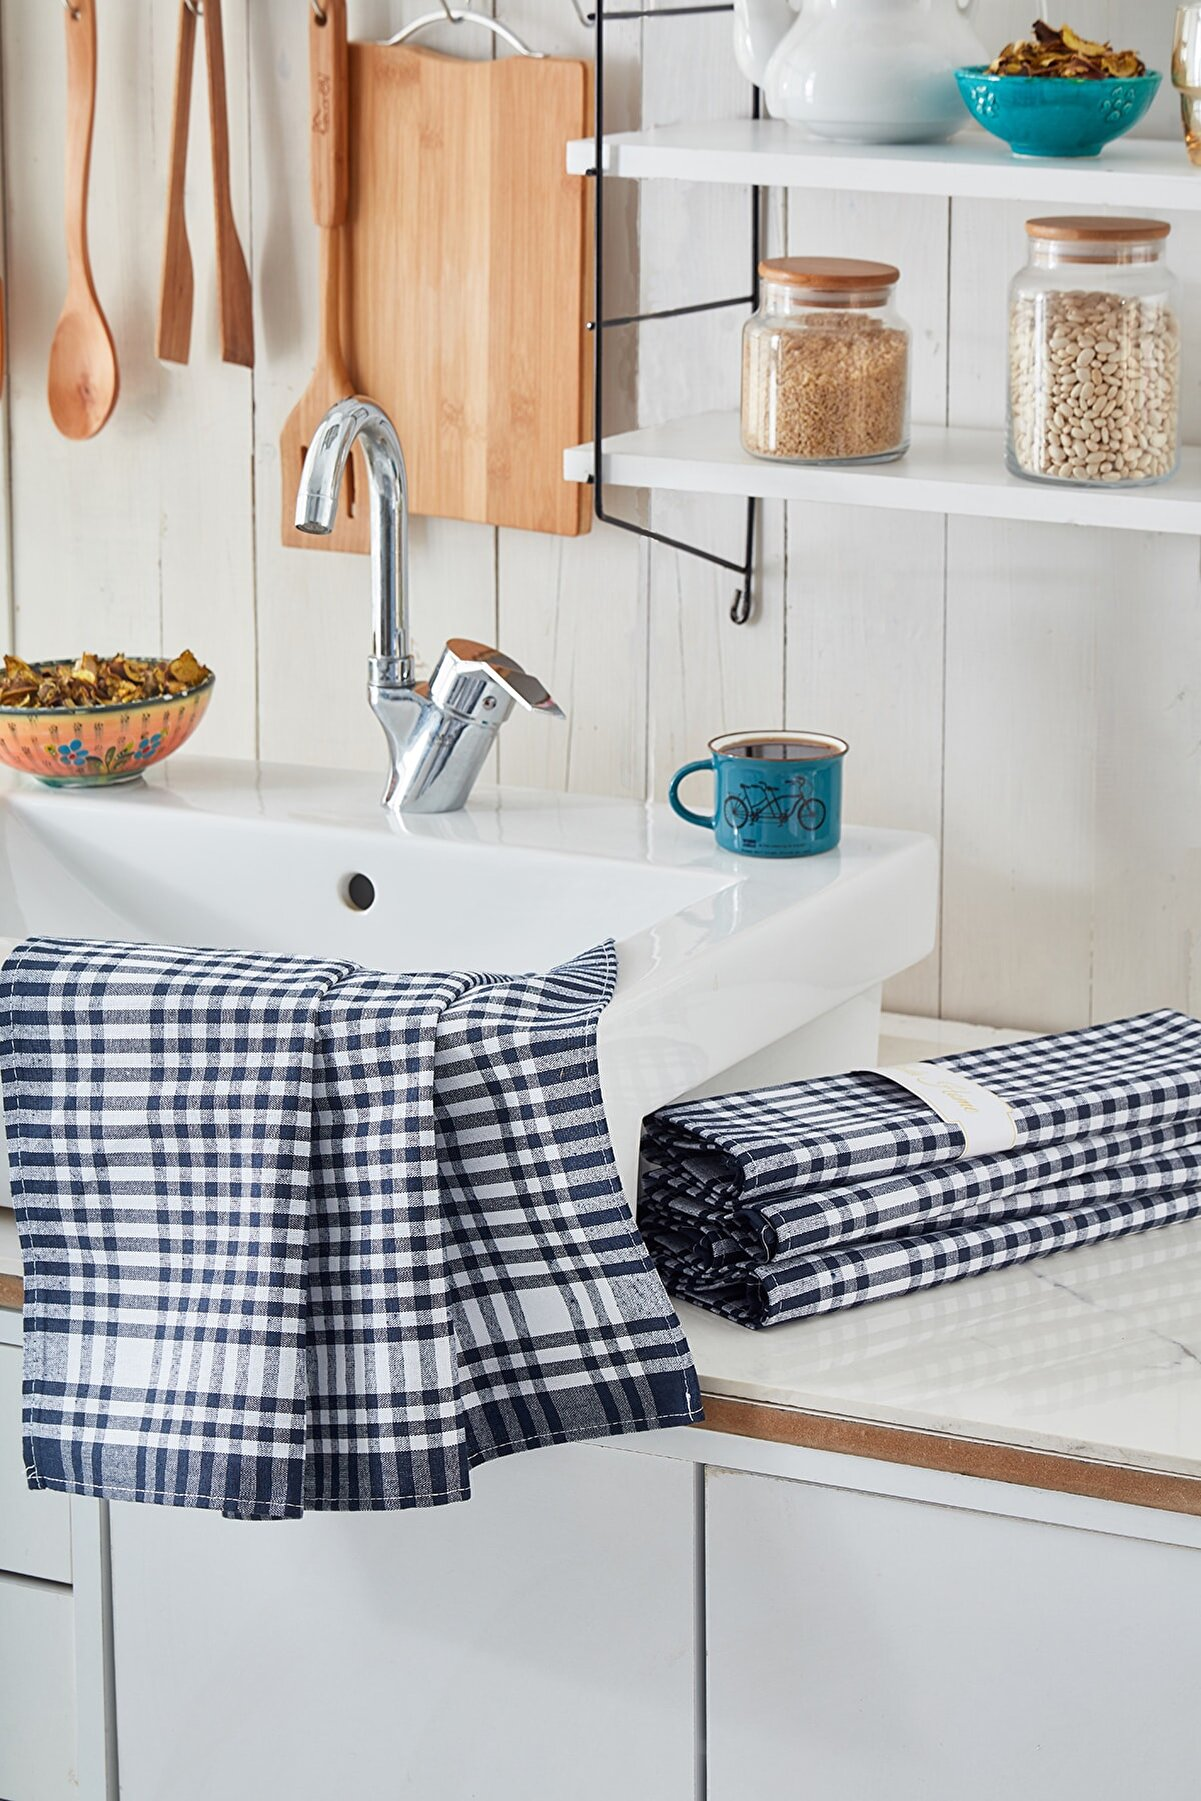 LindaShances 4'lü Mutfak Peçetesi Seti Koyu Mavi Renk Pöti Kareli Desen